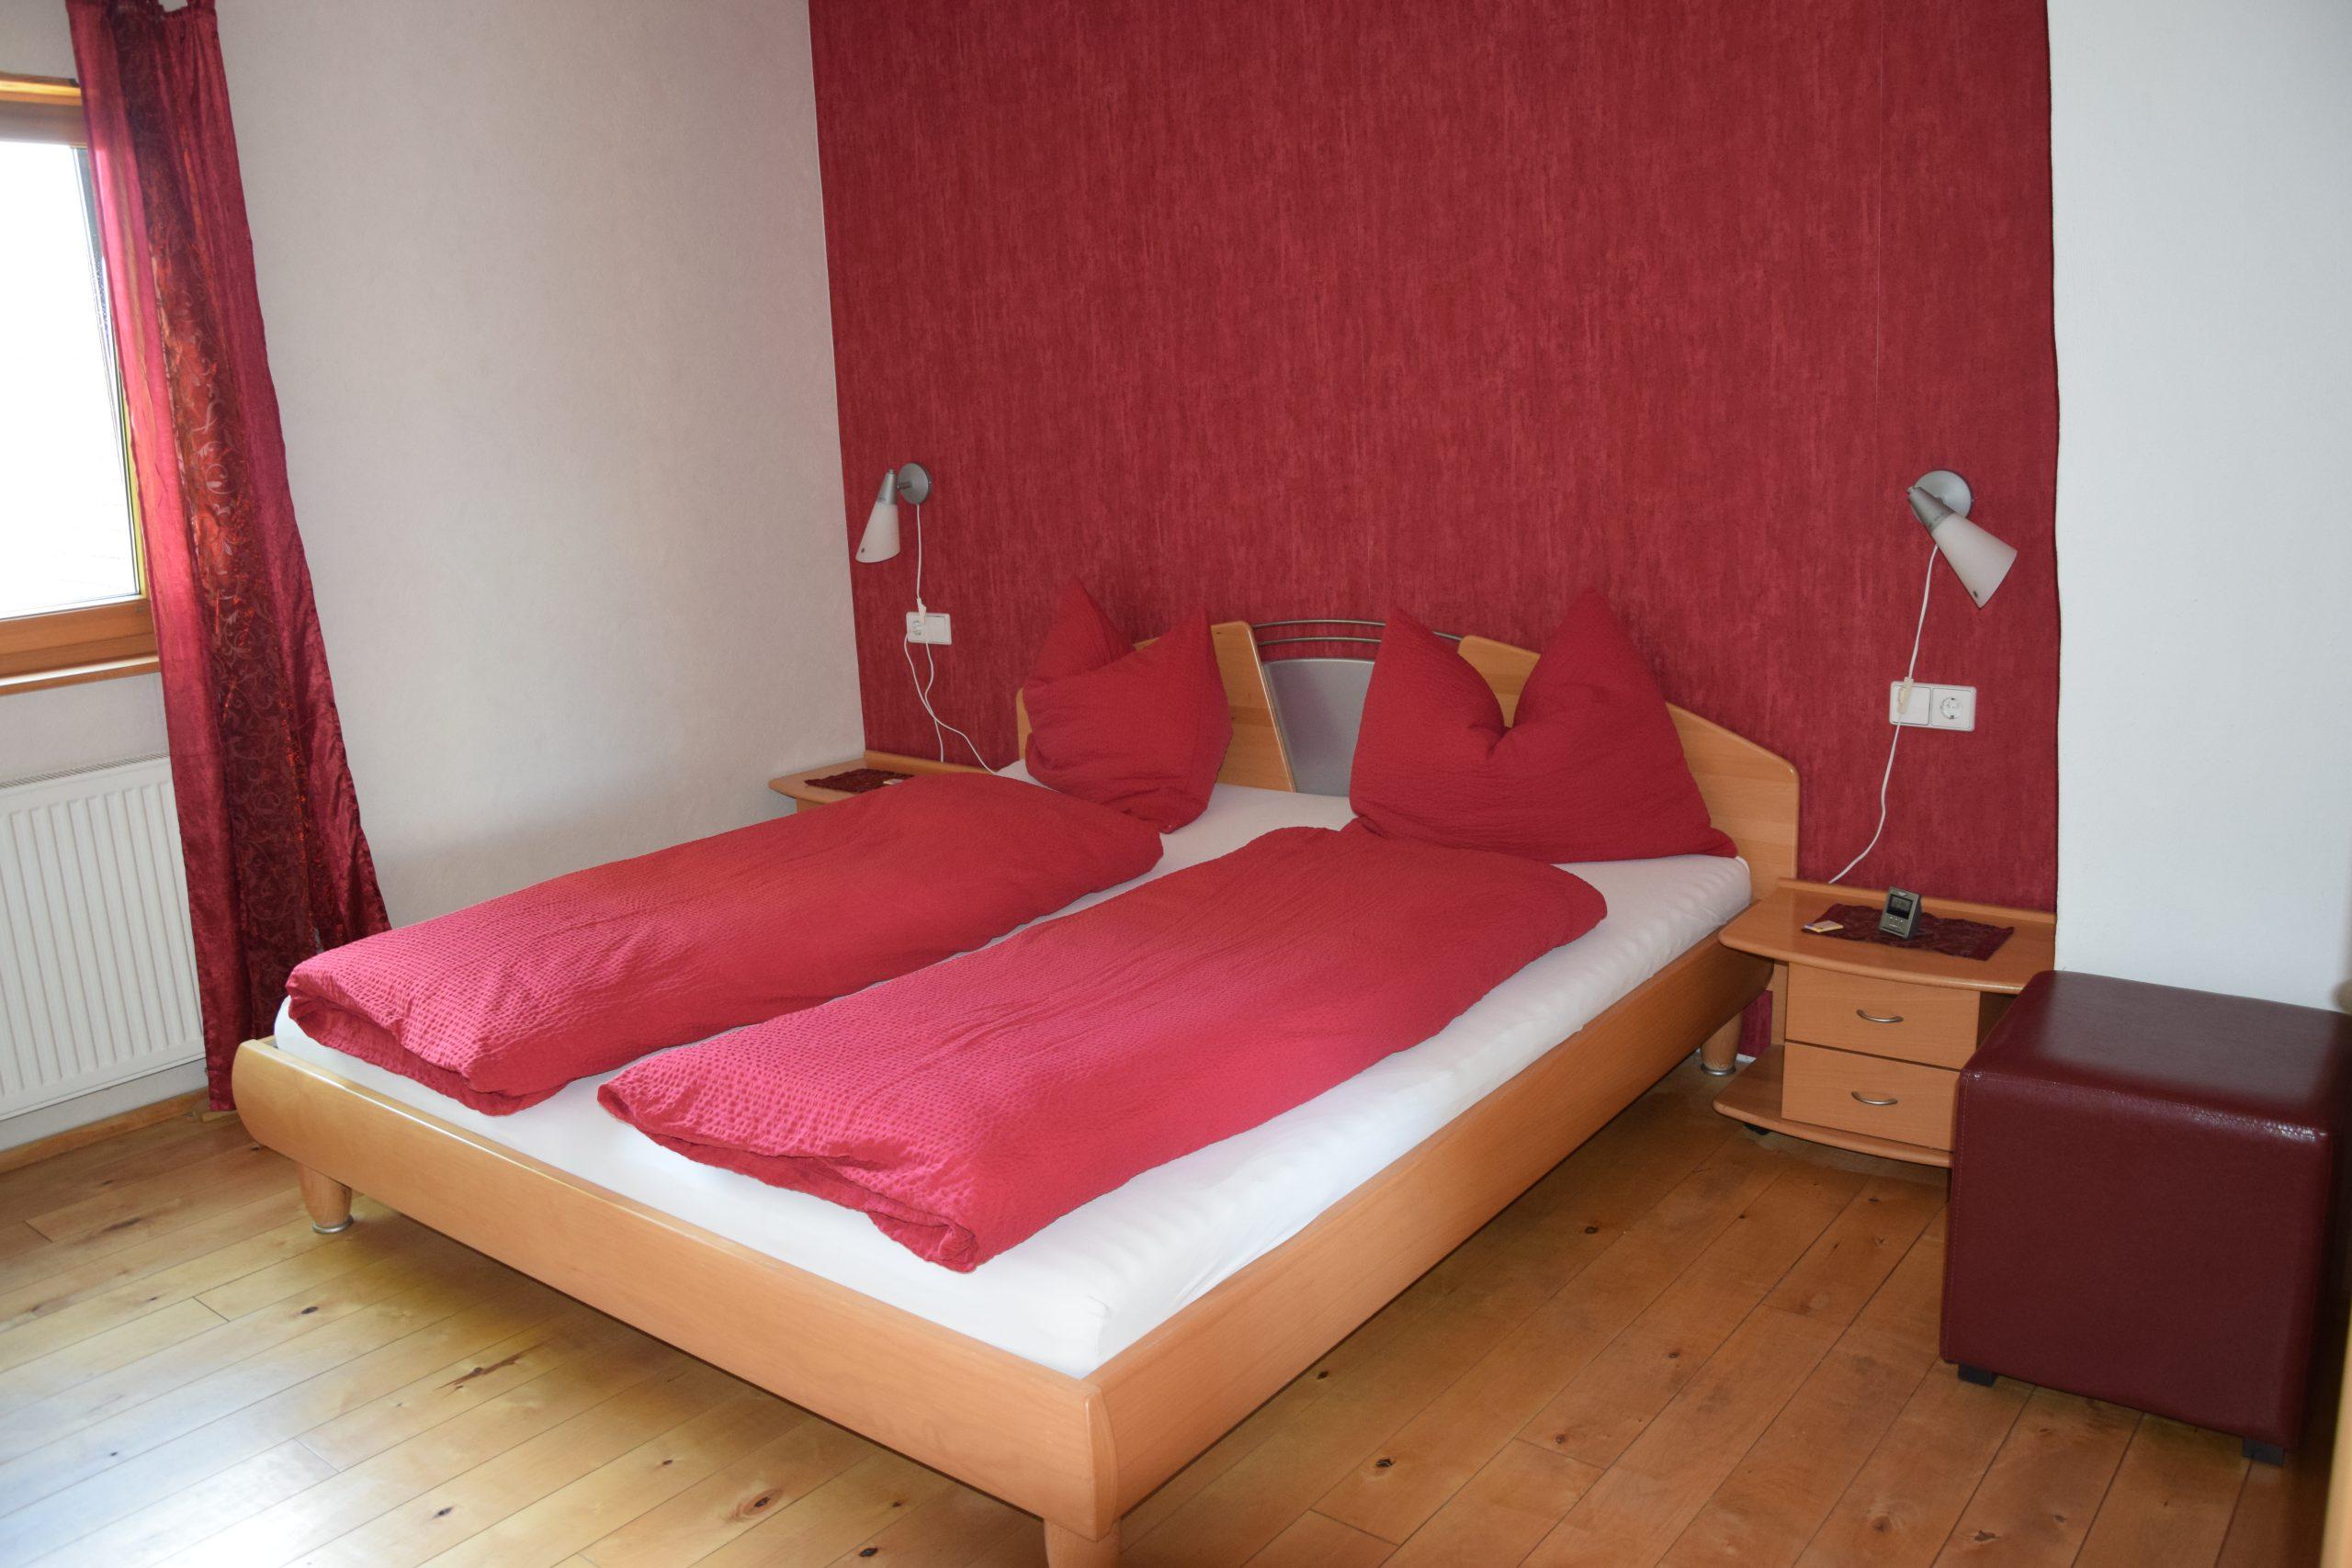 Storchennest Schlafzimmer